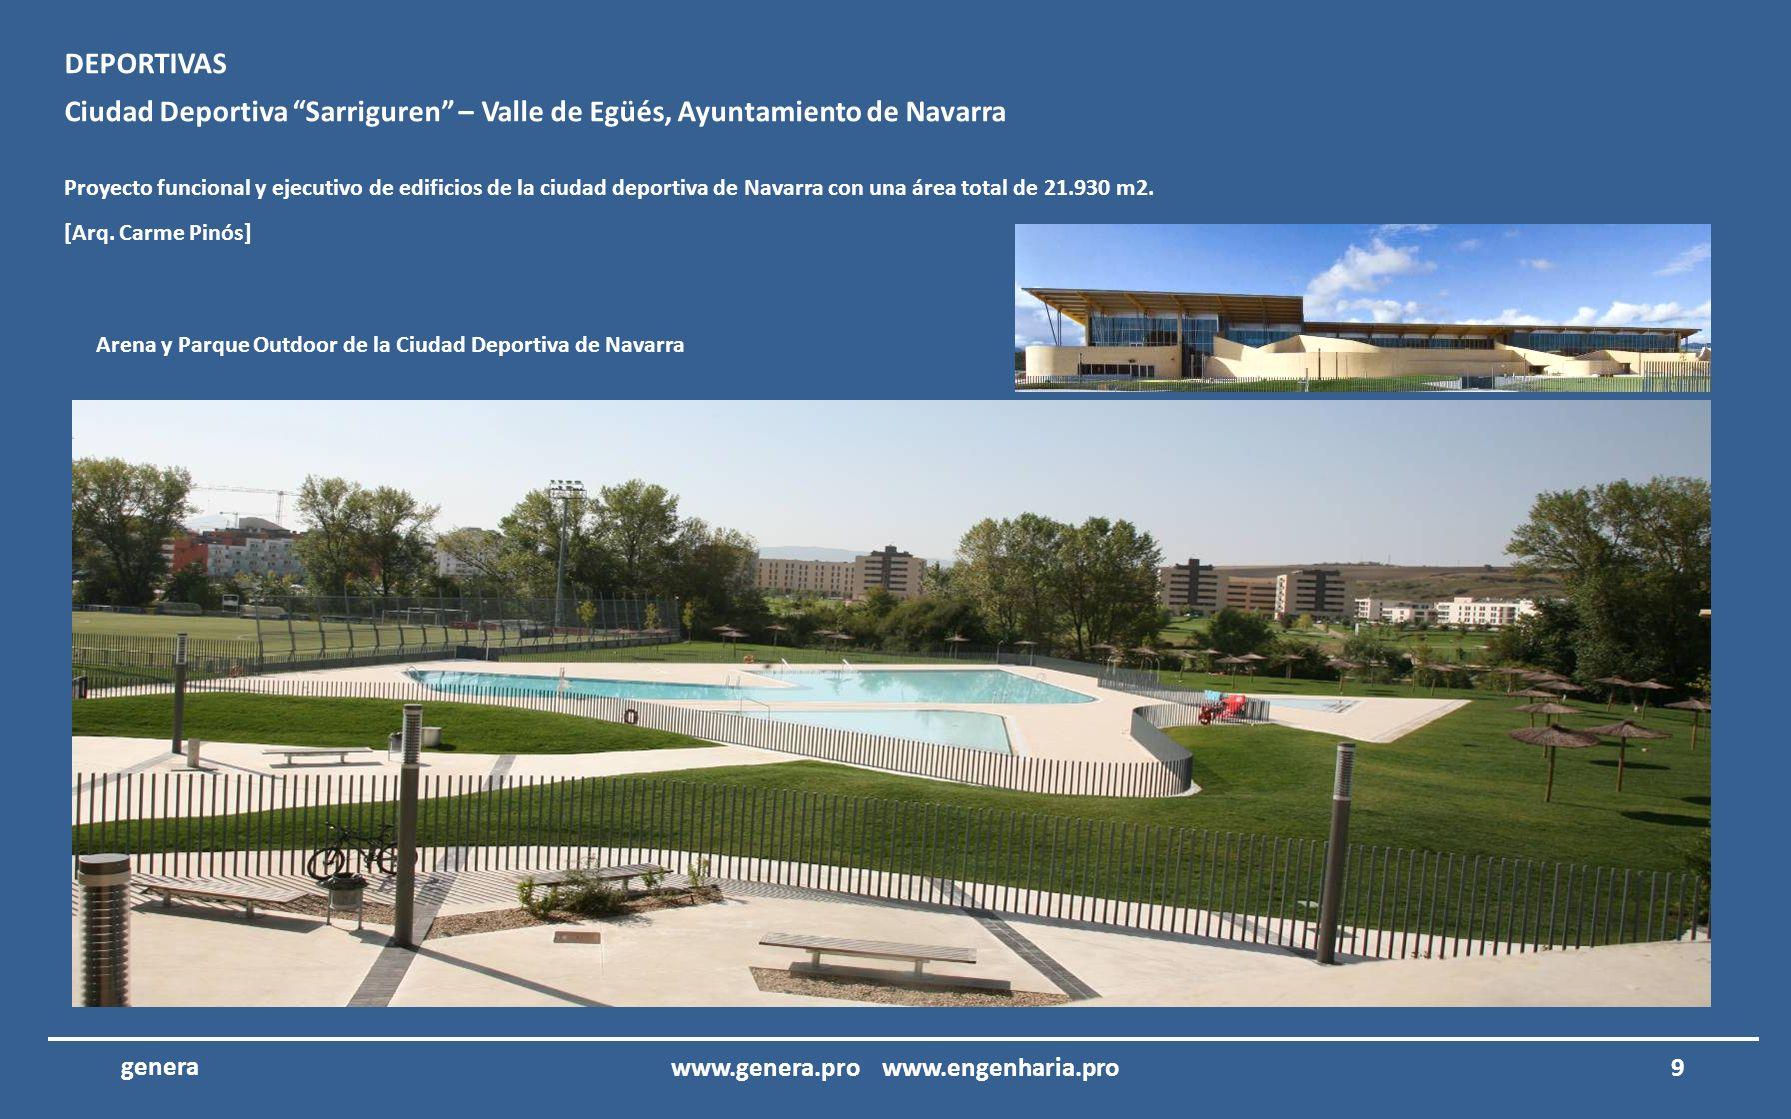 19 genera Aeropuerto Internacional de Algarve – Faro – ANA Coordinación de proyectos de ingeniería de la reconstrucción de la zona de facturación y la zona pública del aeropuerto de Faro.